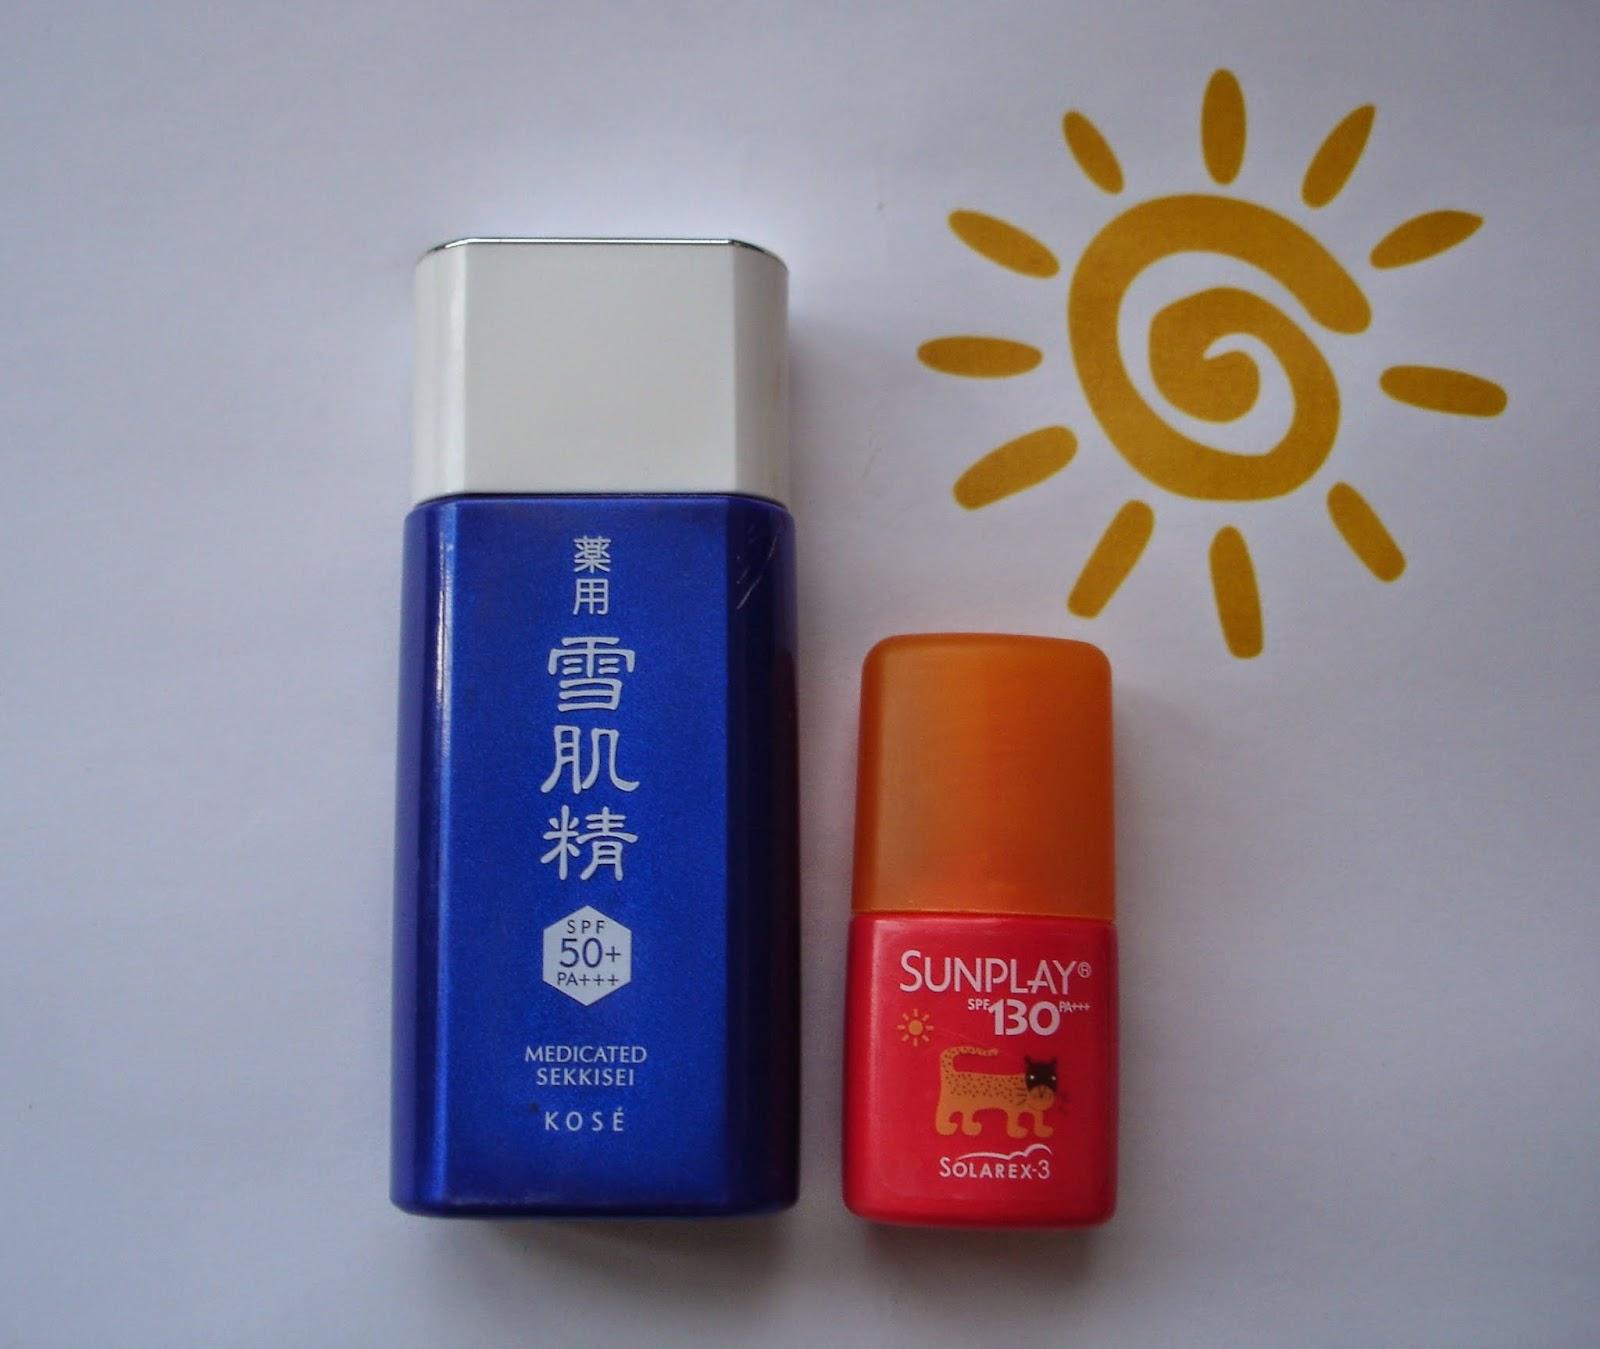 Kose Medicated Sekkisei Sun Protector Spf50 Mentholatum Sunplay Super Block Spf130